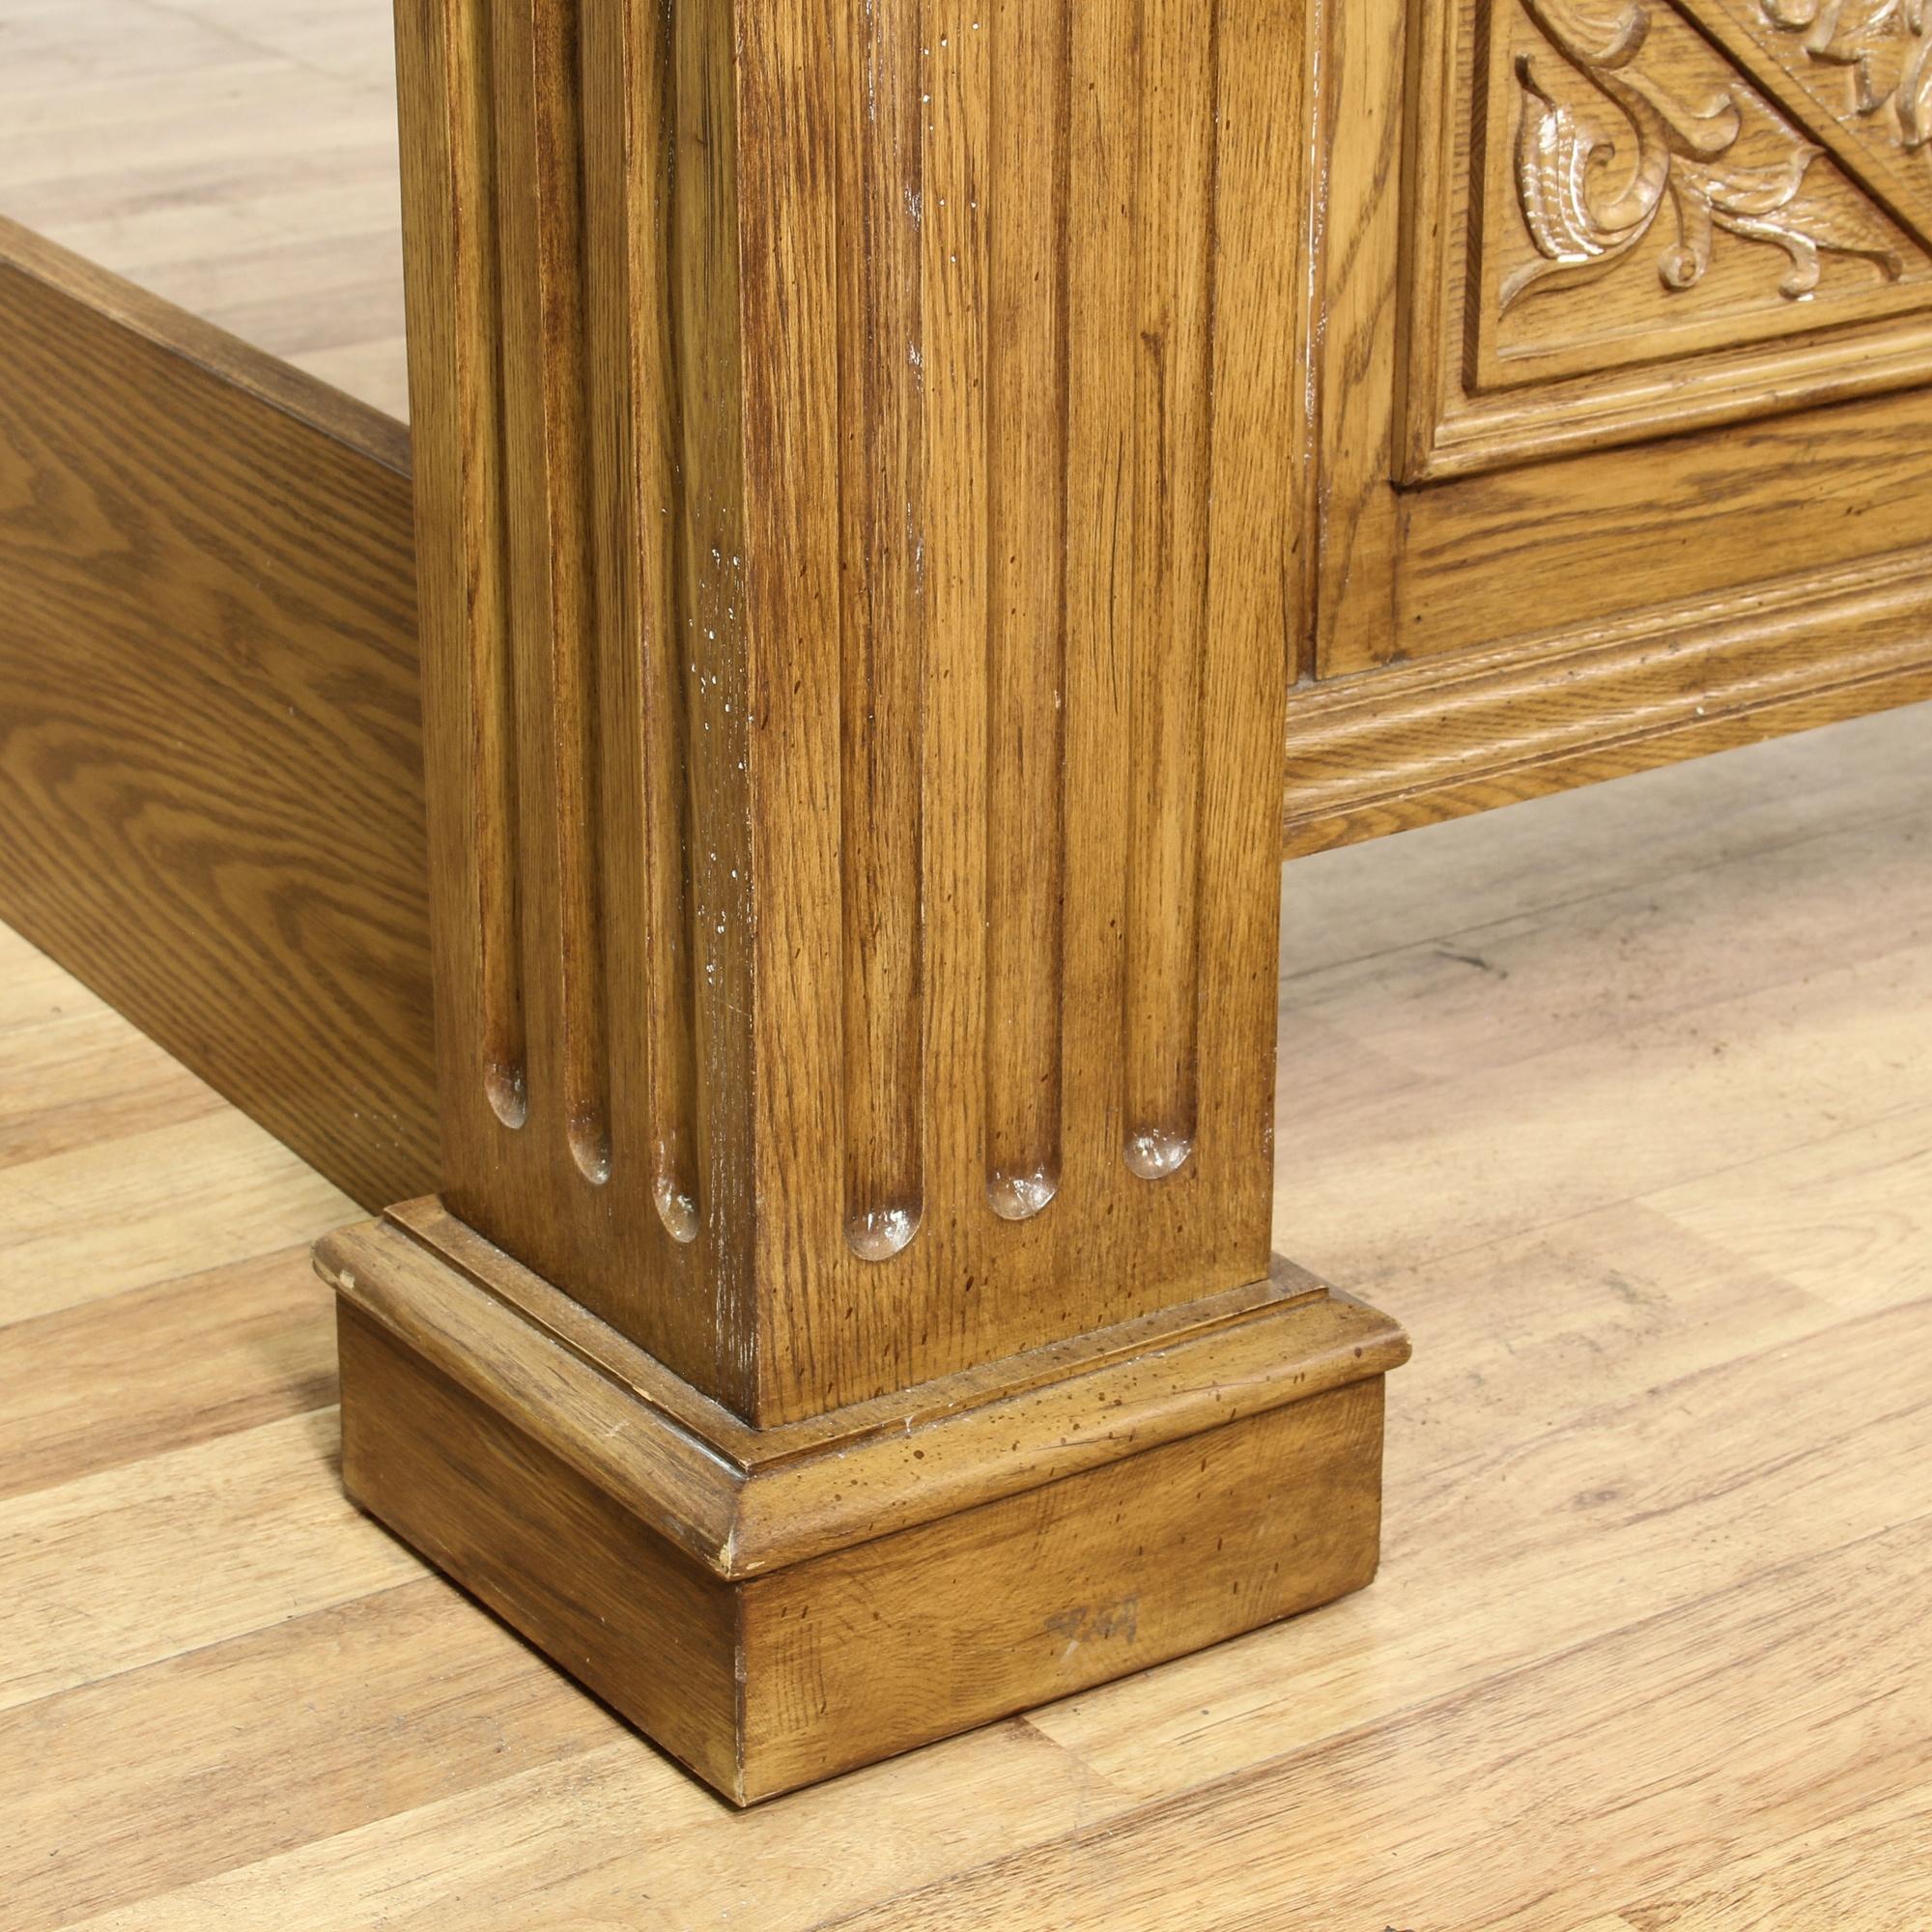 queen sized carved light oak bed frame loveseat vintage furniture san diego los angeles. Black Bedroom Furniture Sets. Home Design Ideas